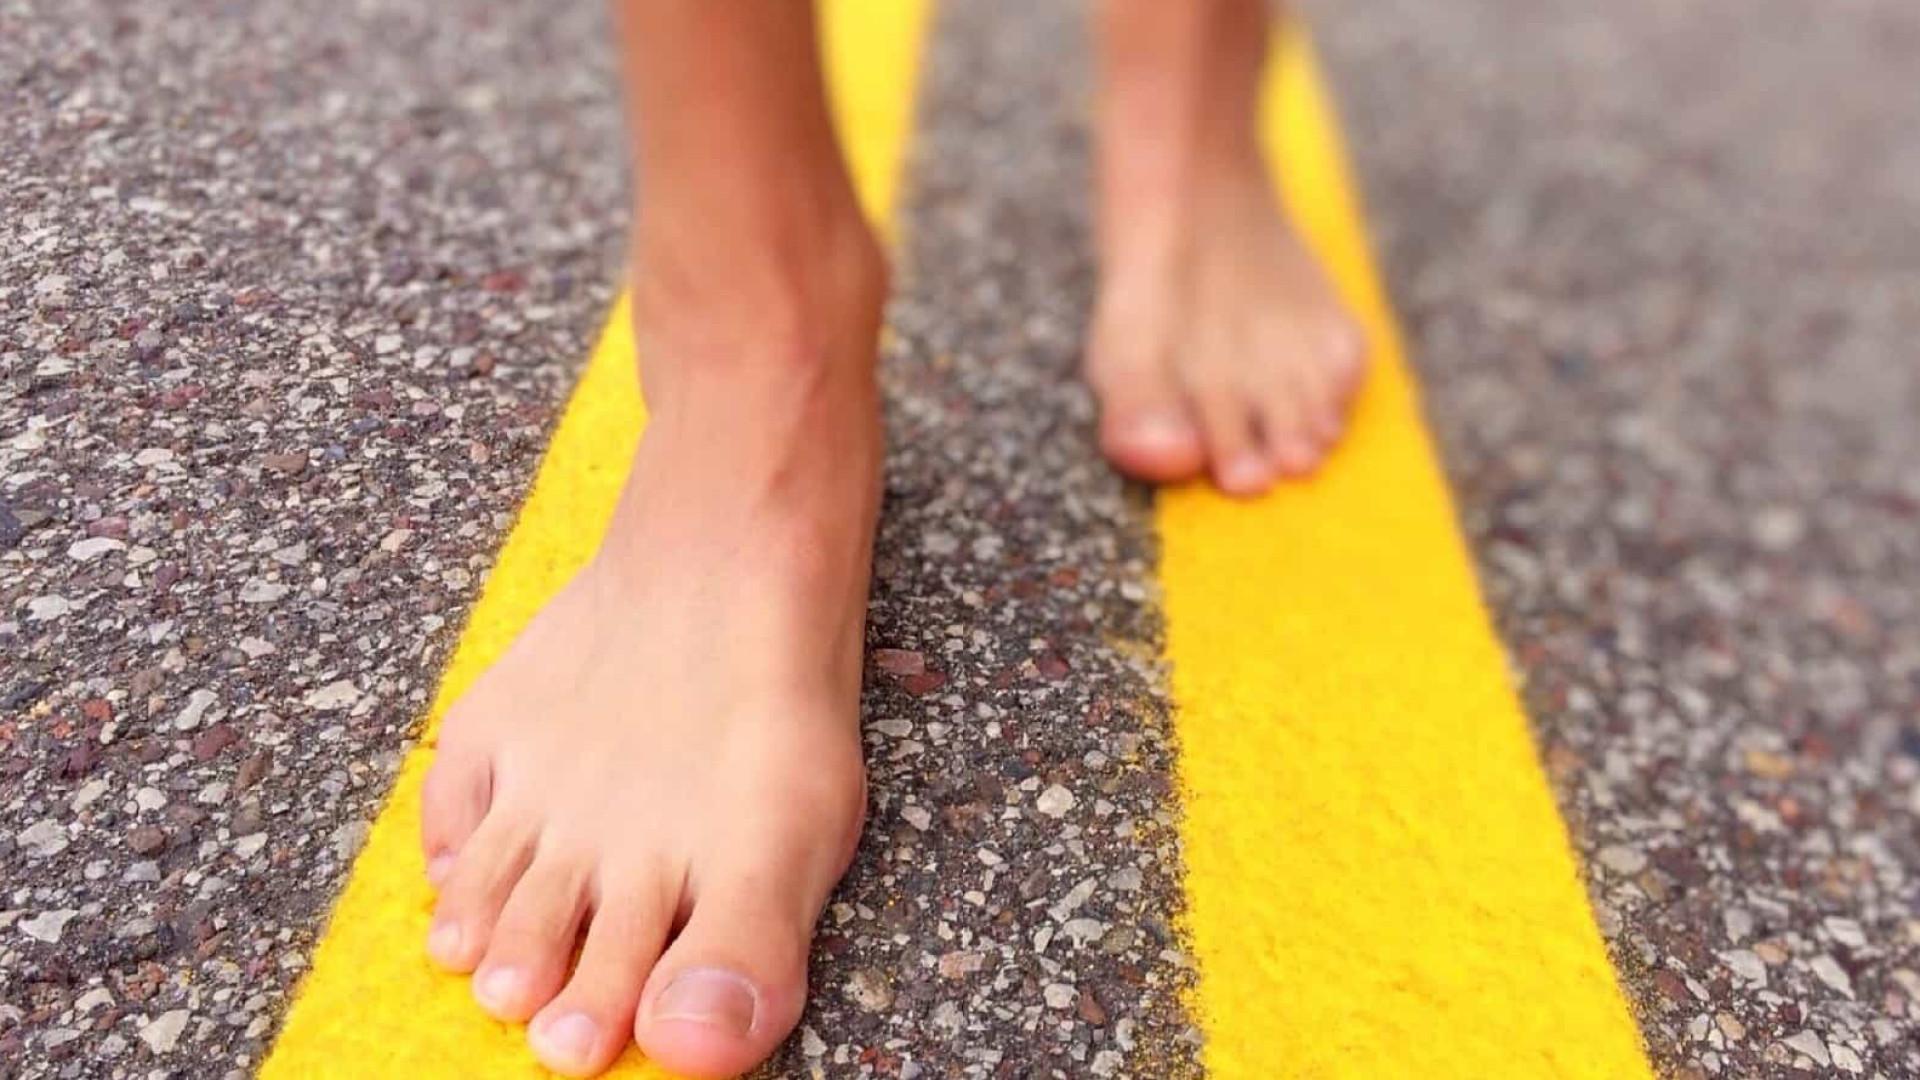 Correr descalço pode reduzir risco de lesão no joelho